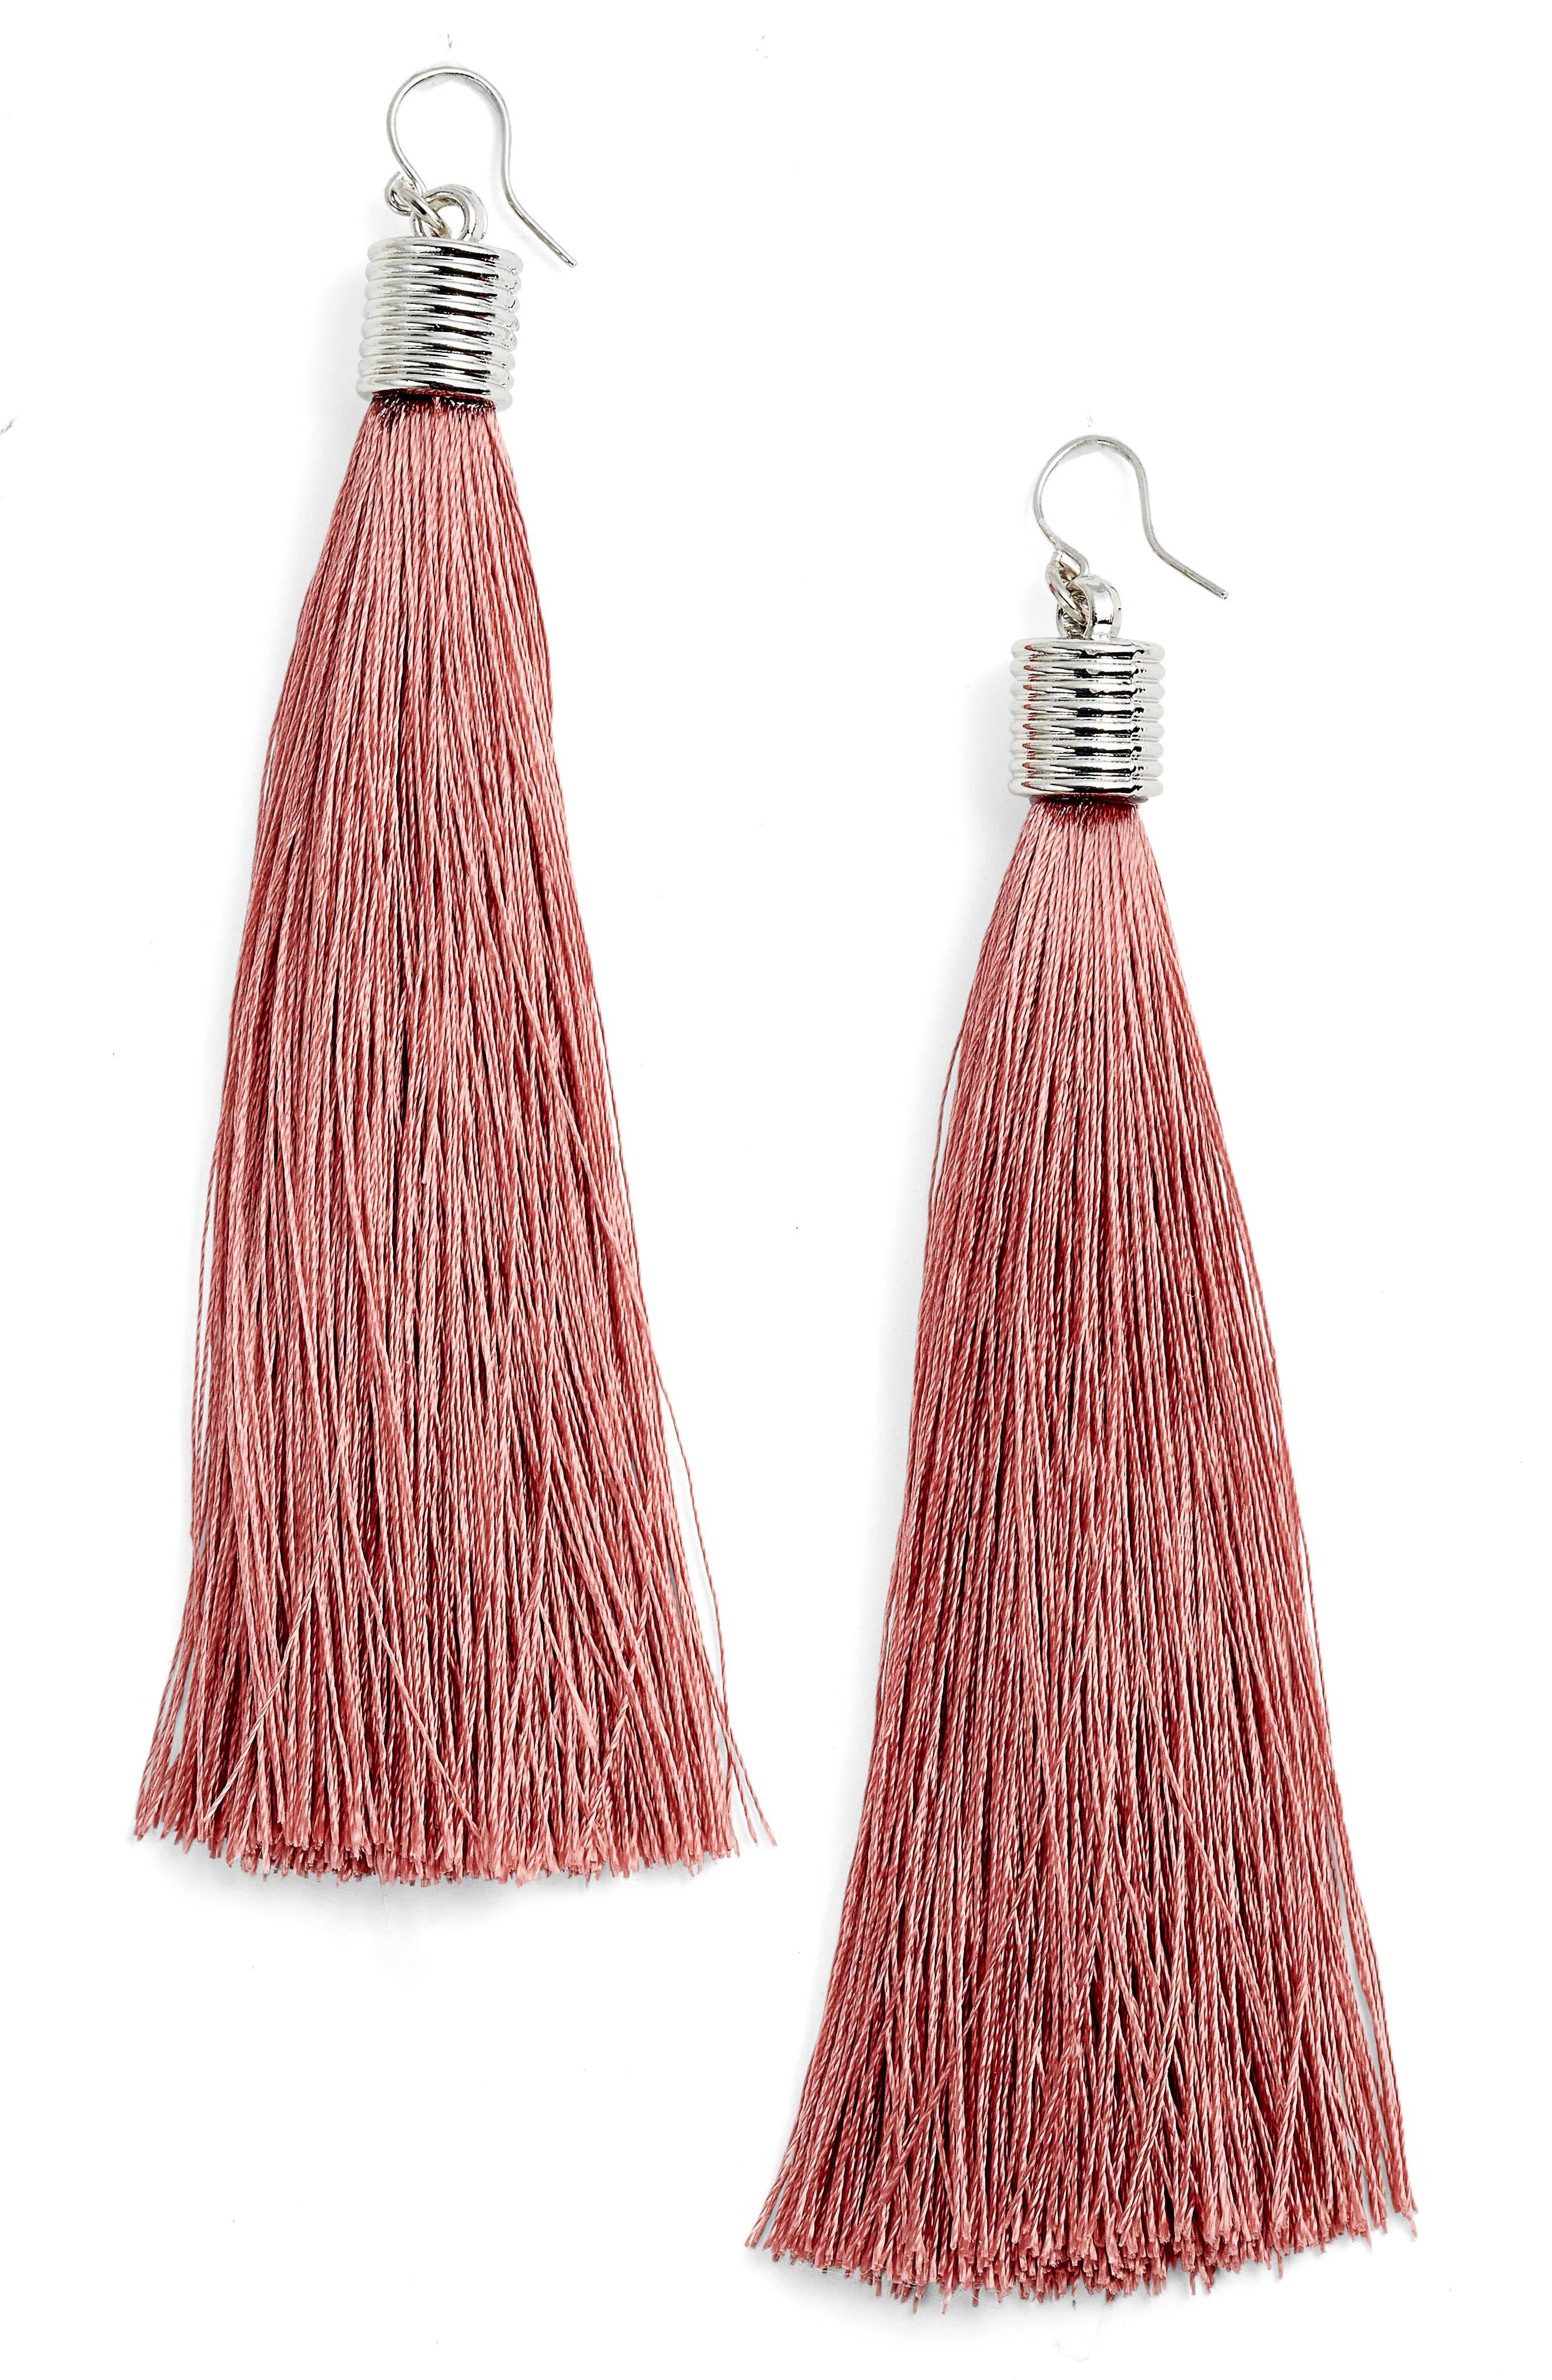 Main Image - CRISTABELLE Tassel Drop Earrings